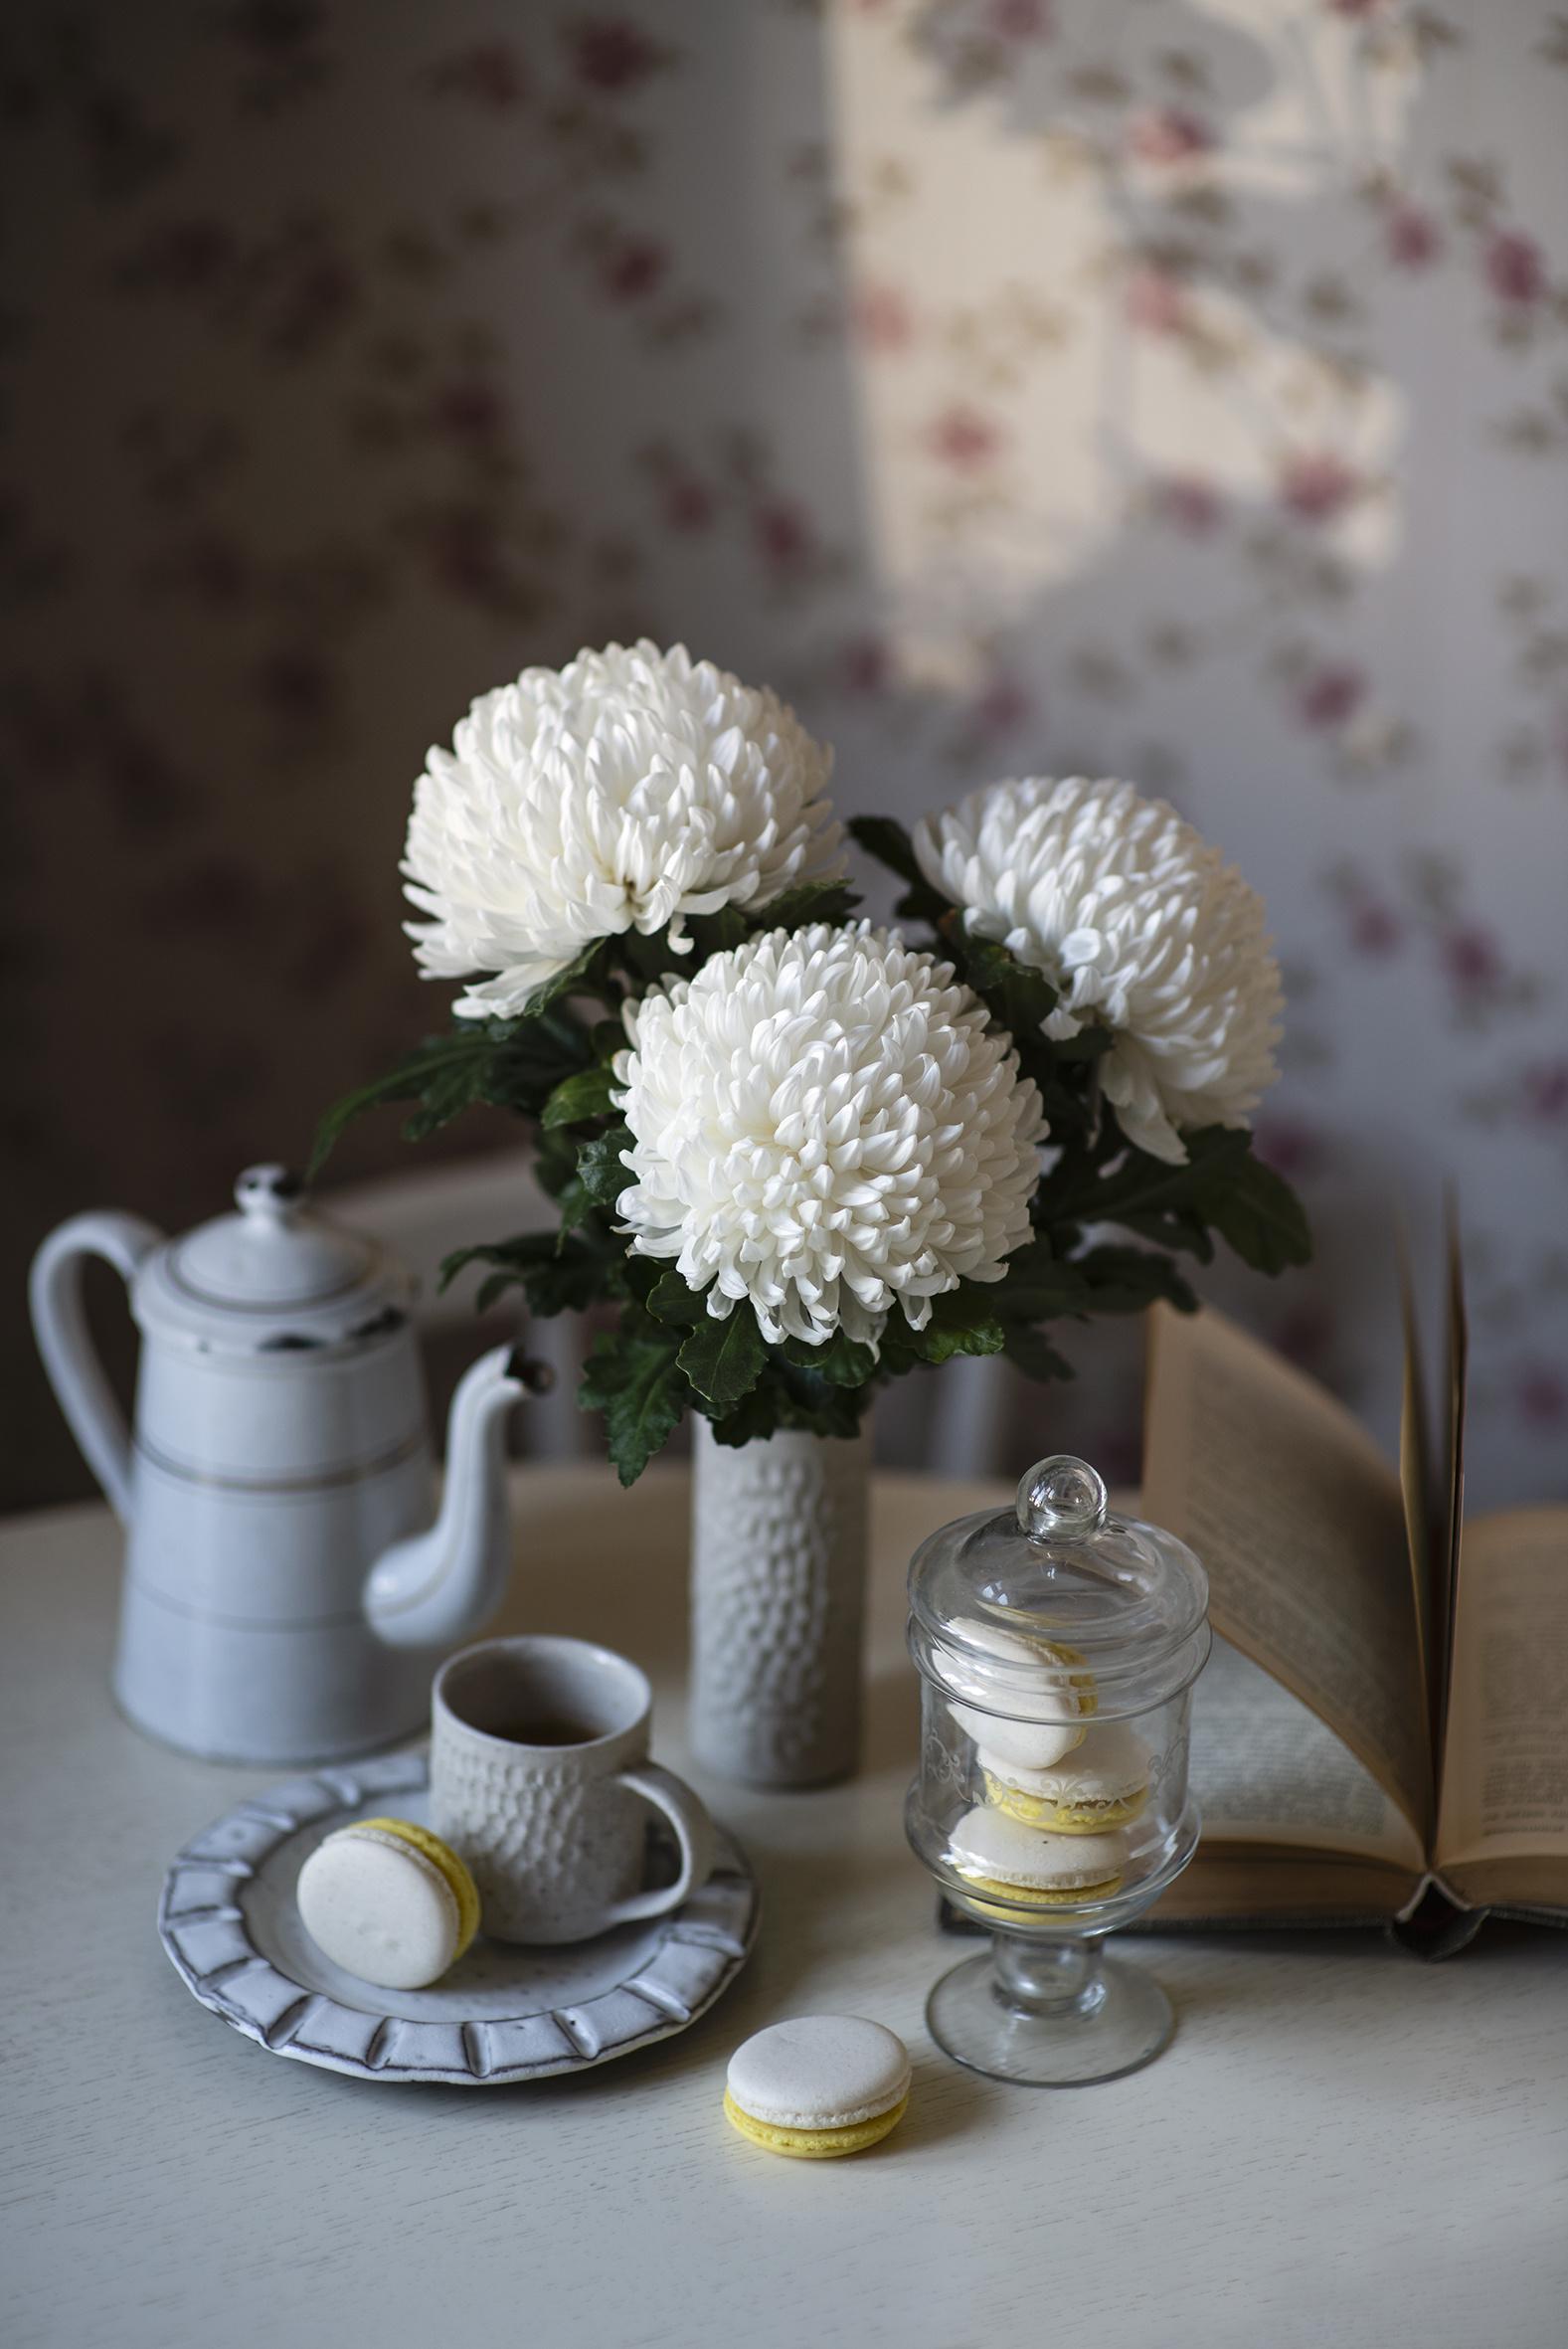 Фото Макарон белые цветок Чайник Хризантемы Еда Чашка Натюрморт  для мобильного телефона белая Белый белых Цветы Пища чашке Продукты питания